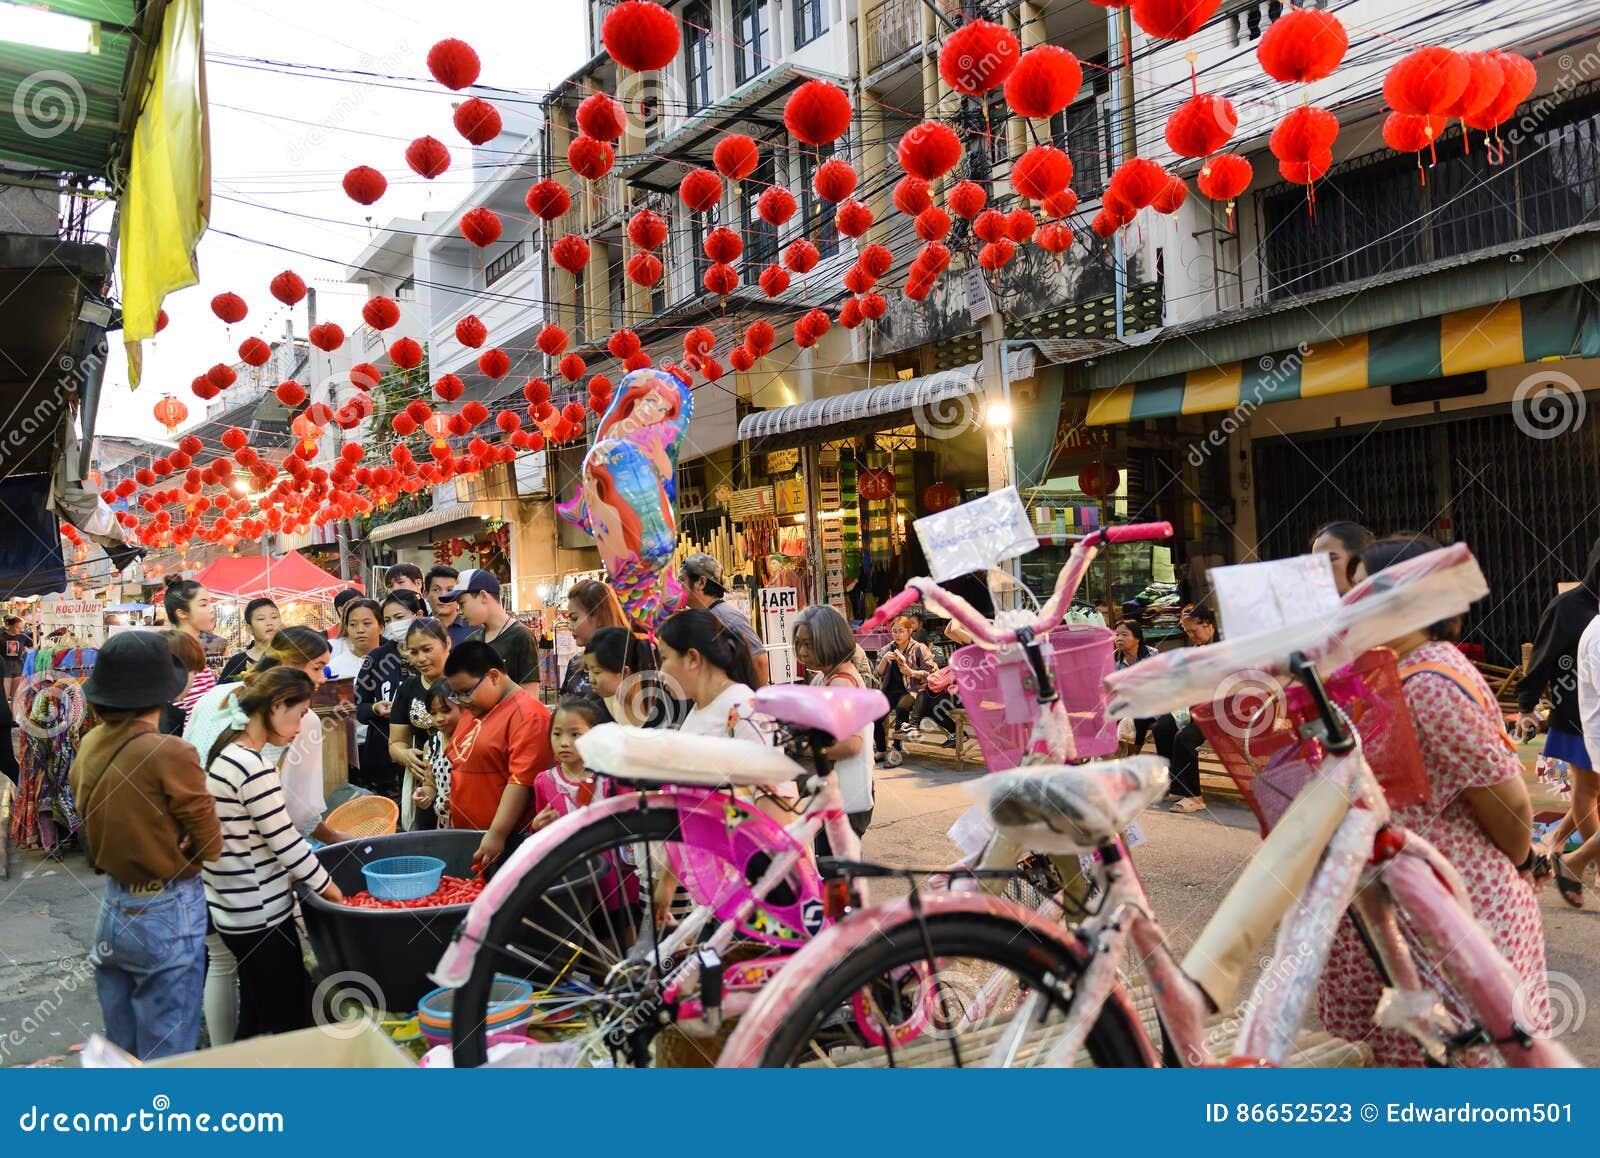 Chinesisches Neues Jahr In Thailand Redaktionelles Stockfoto - Bild ...